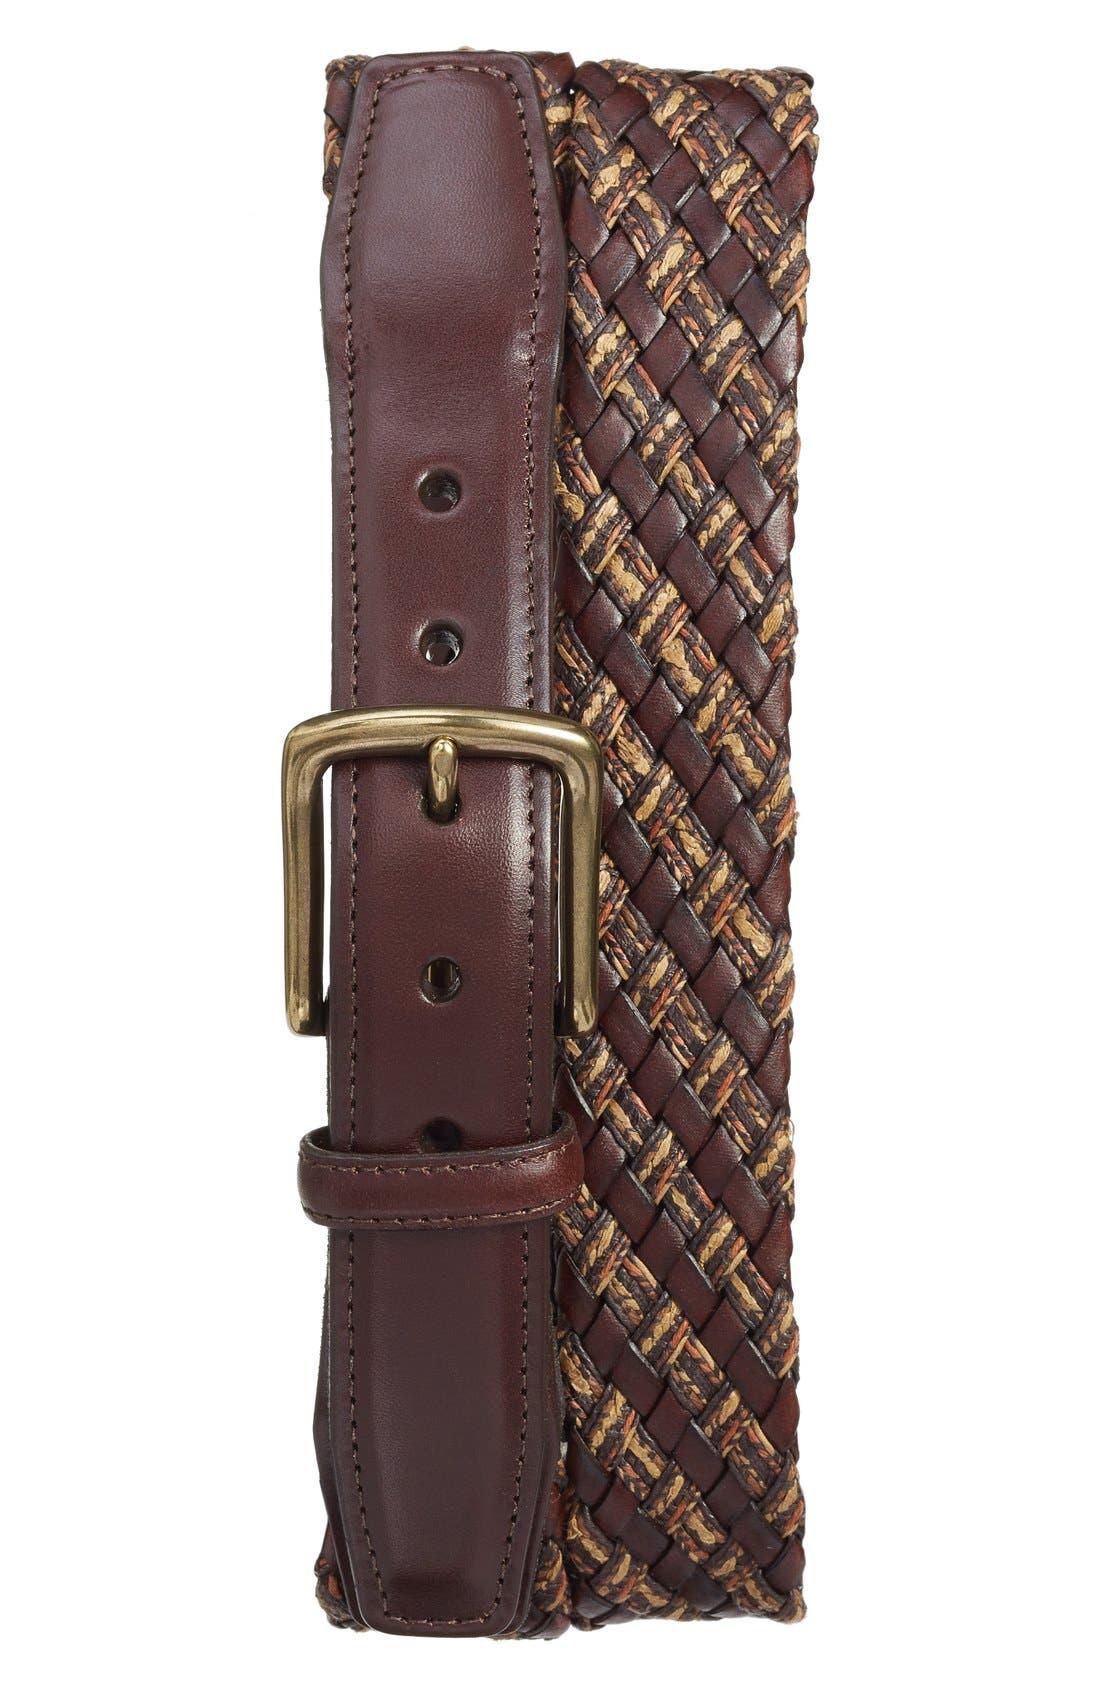 Main Image - Torino Belts Woven & Leather Belt